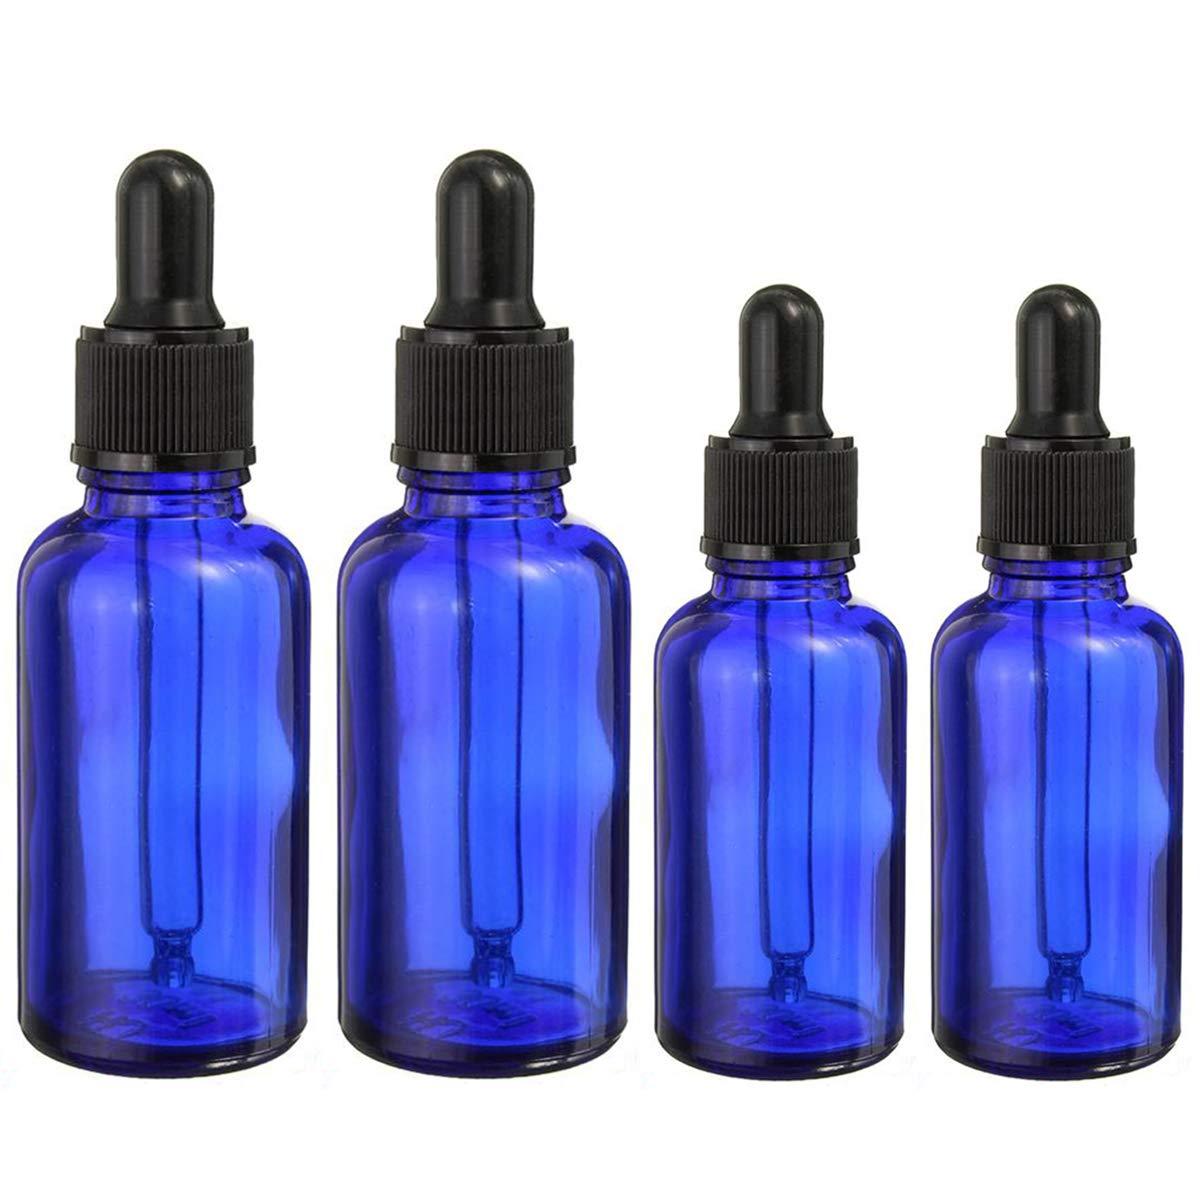 BlueXP 4 Stück 10ml 20ml Leer Kobaltblauen Glasaugentropfflasche Boston Round Flaschen mit Tropfer Pipetten für ätherische Öle Parfüms Laborchemikalien Reagenzien Pharmazeutika